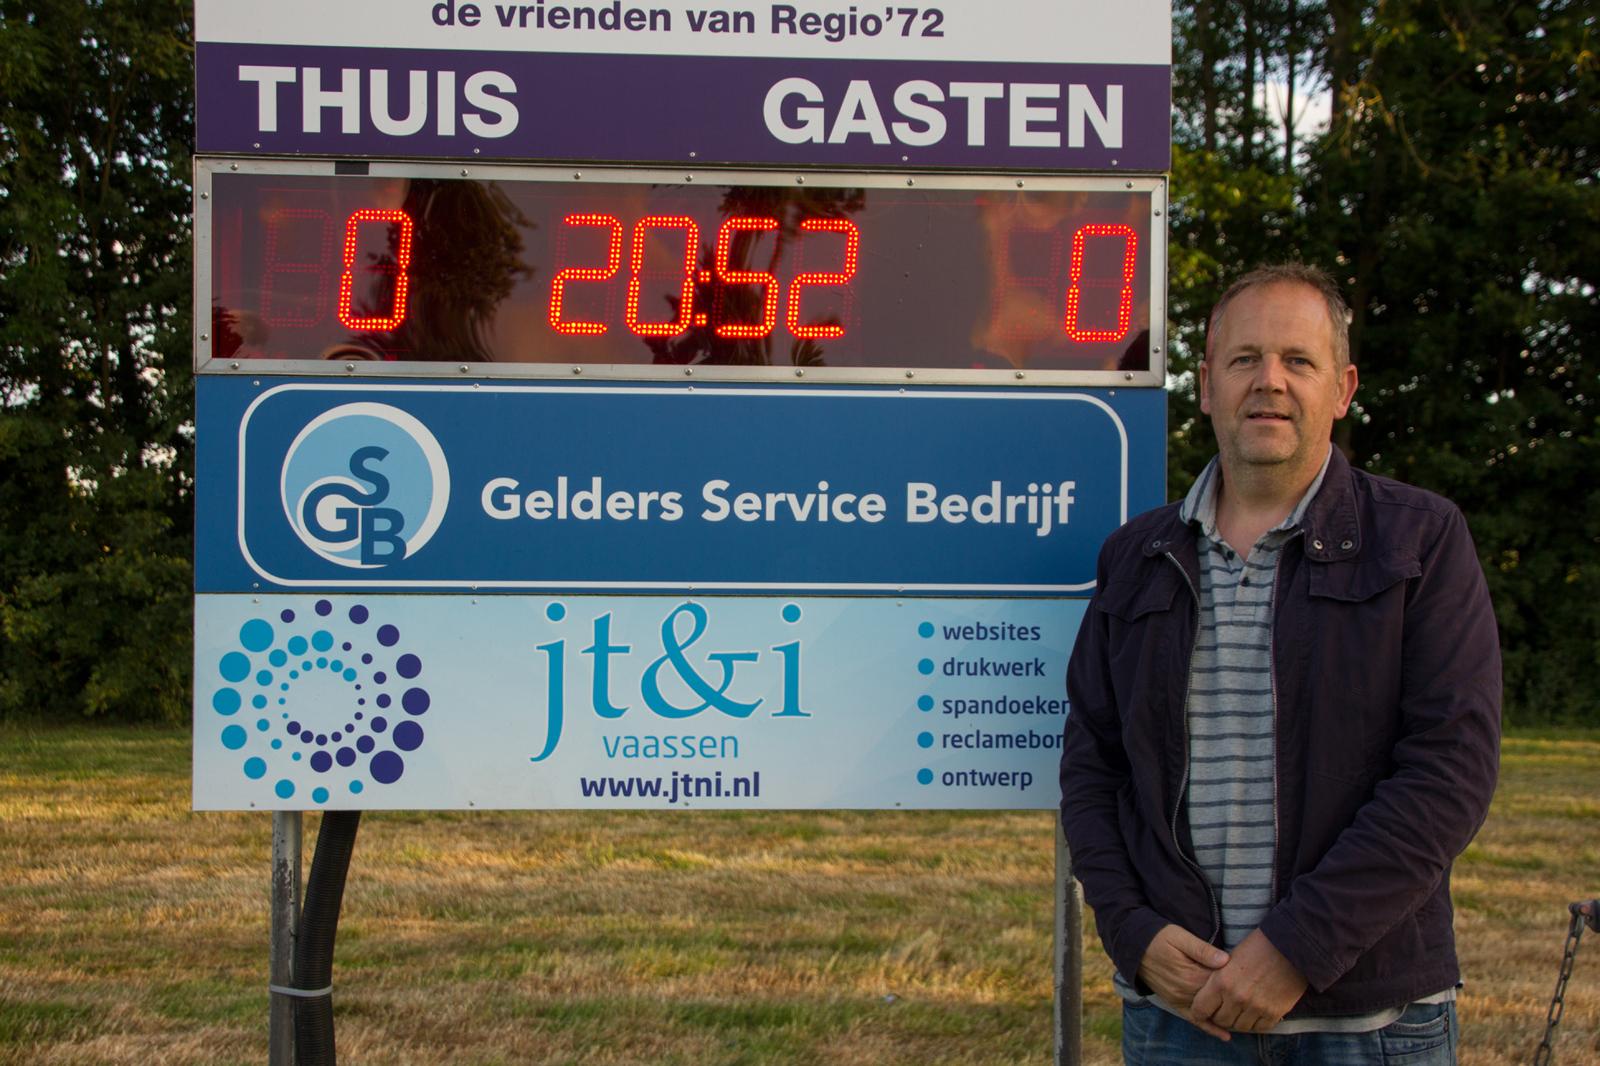 Jan Tijs Heideveld webdesigner